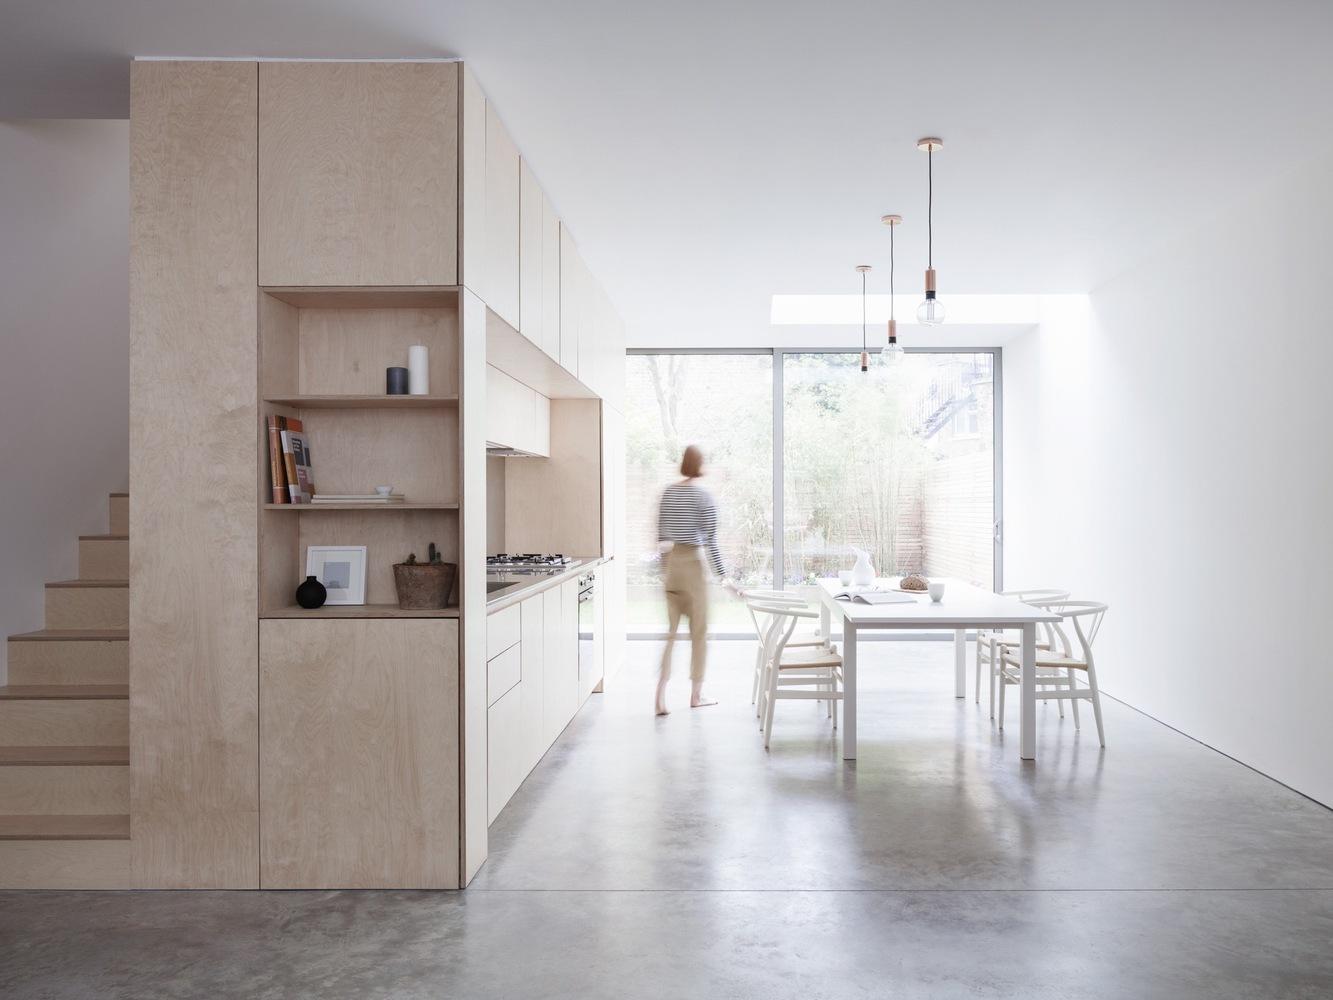 maisonette interior stairs behind kitchen